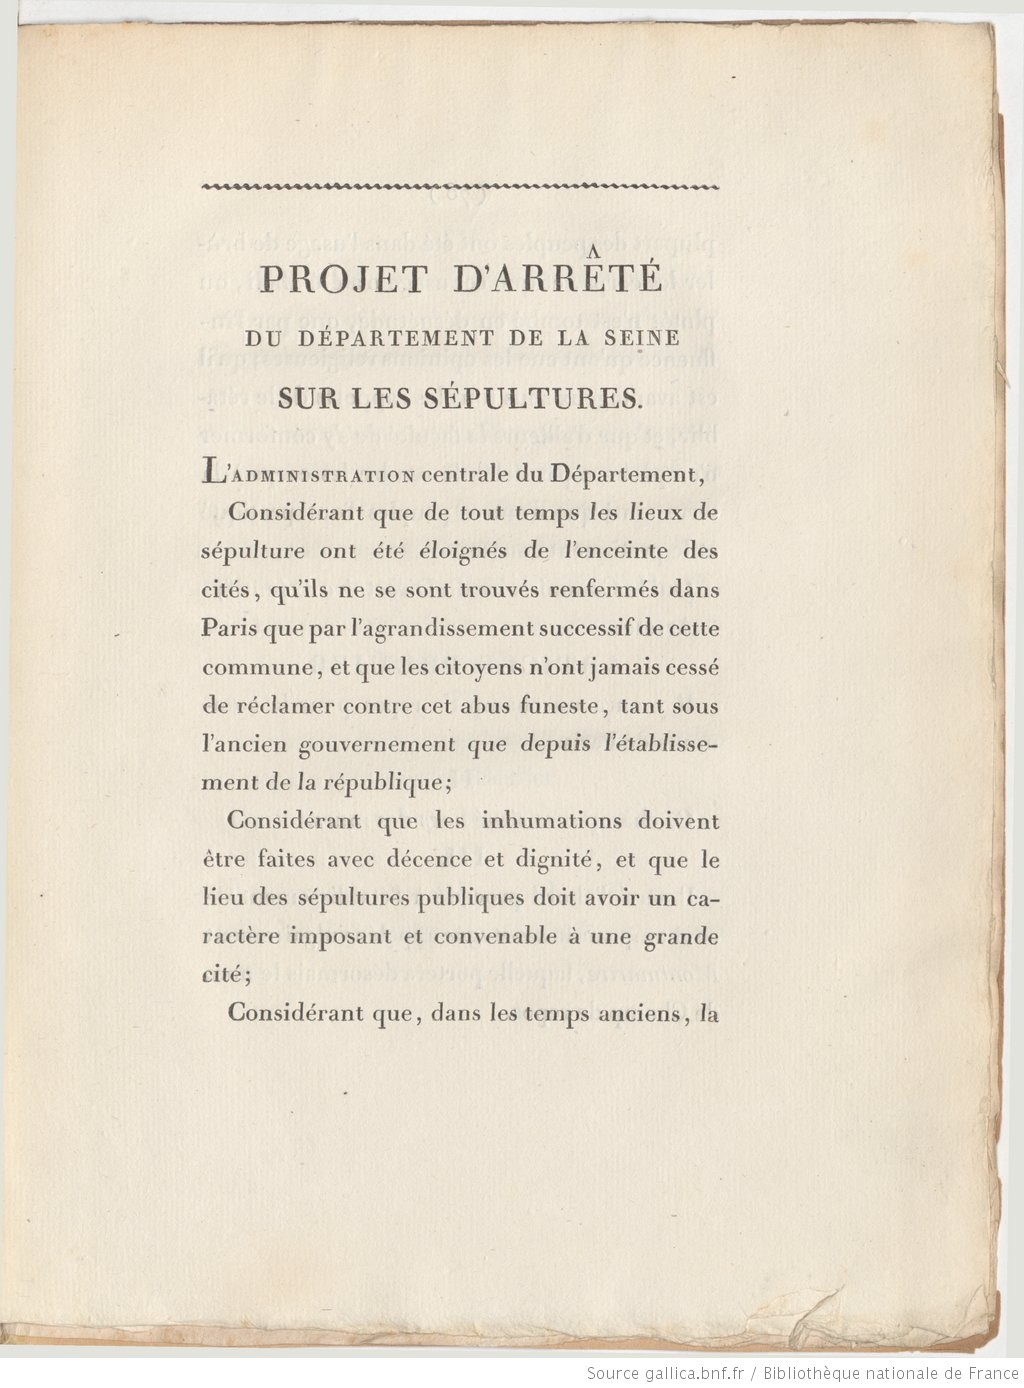 Rapport_sur_les_sépultures_présenté_[...]Cambry_Jacques_bpt6k6523825g (9)